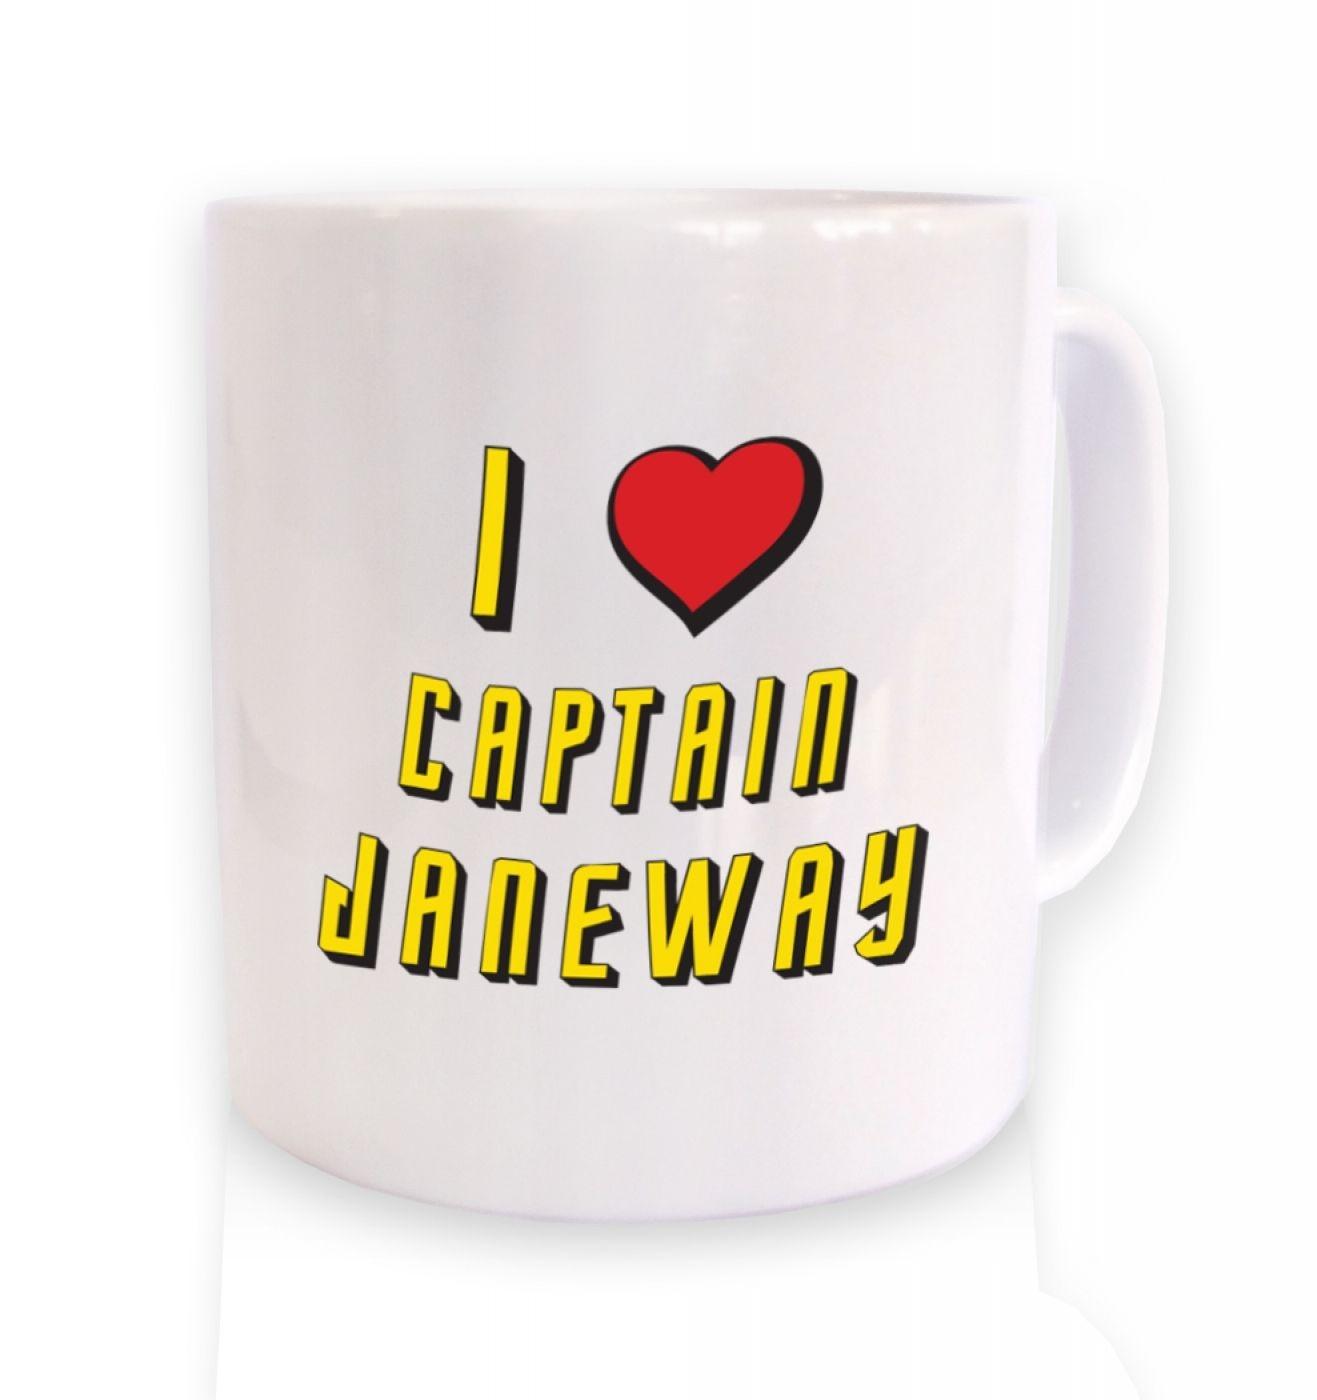 I heart Captain Janeway mug